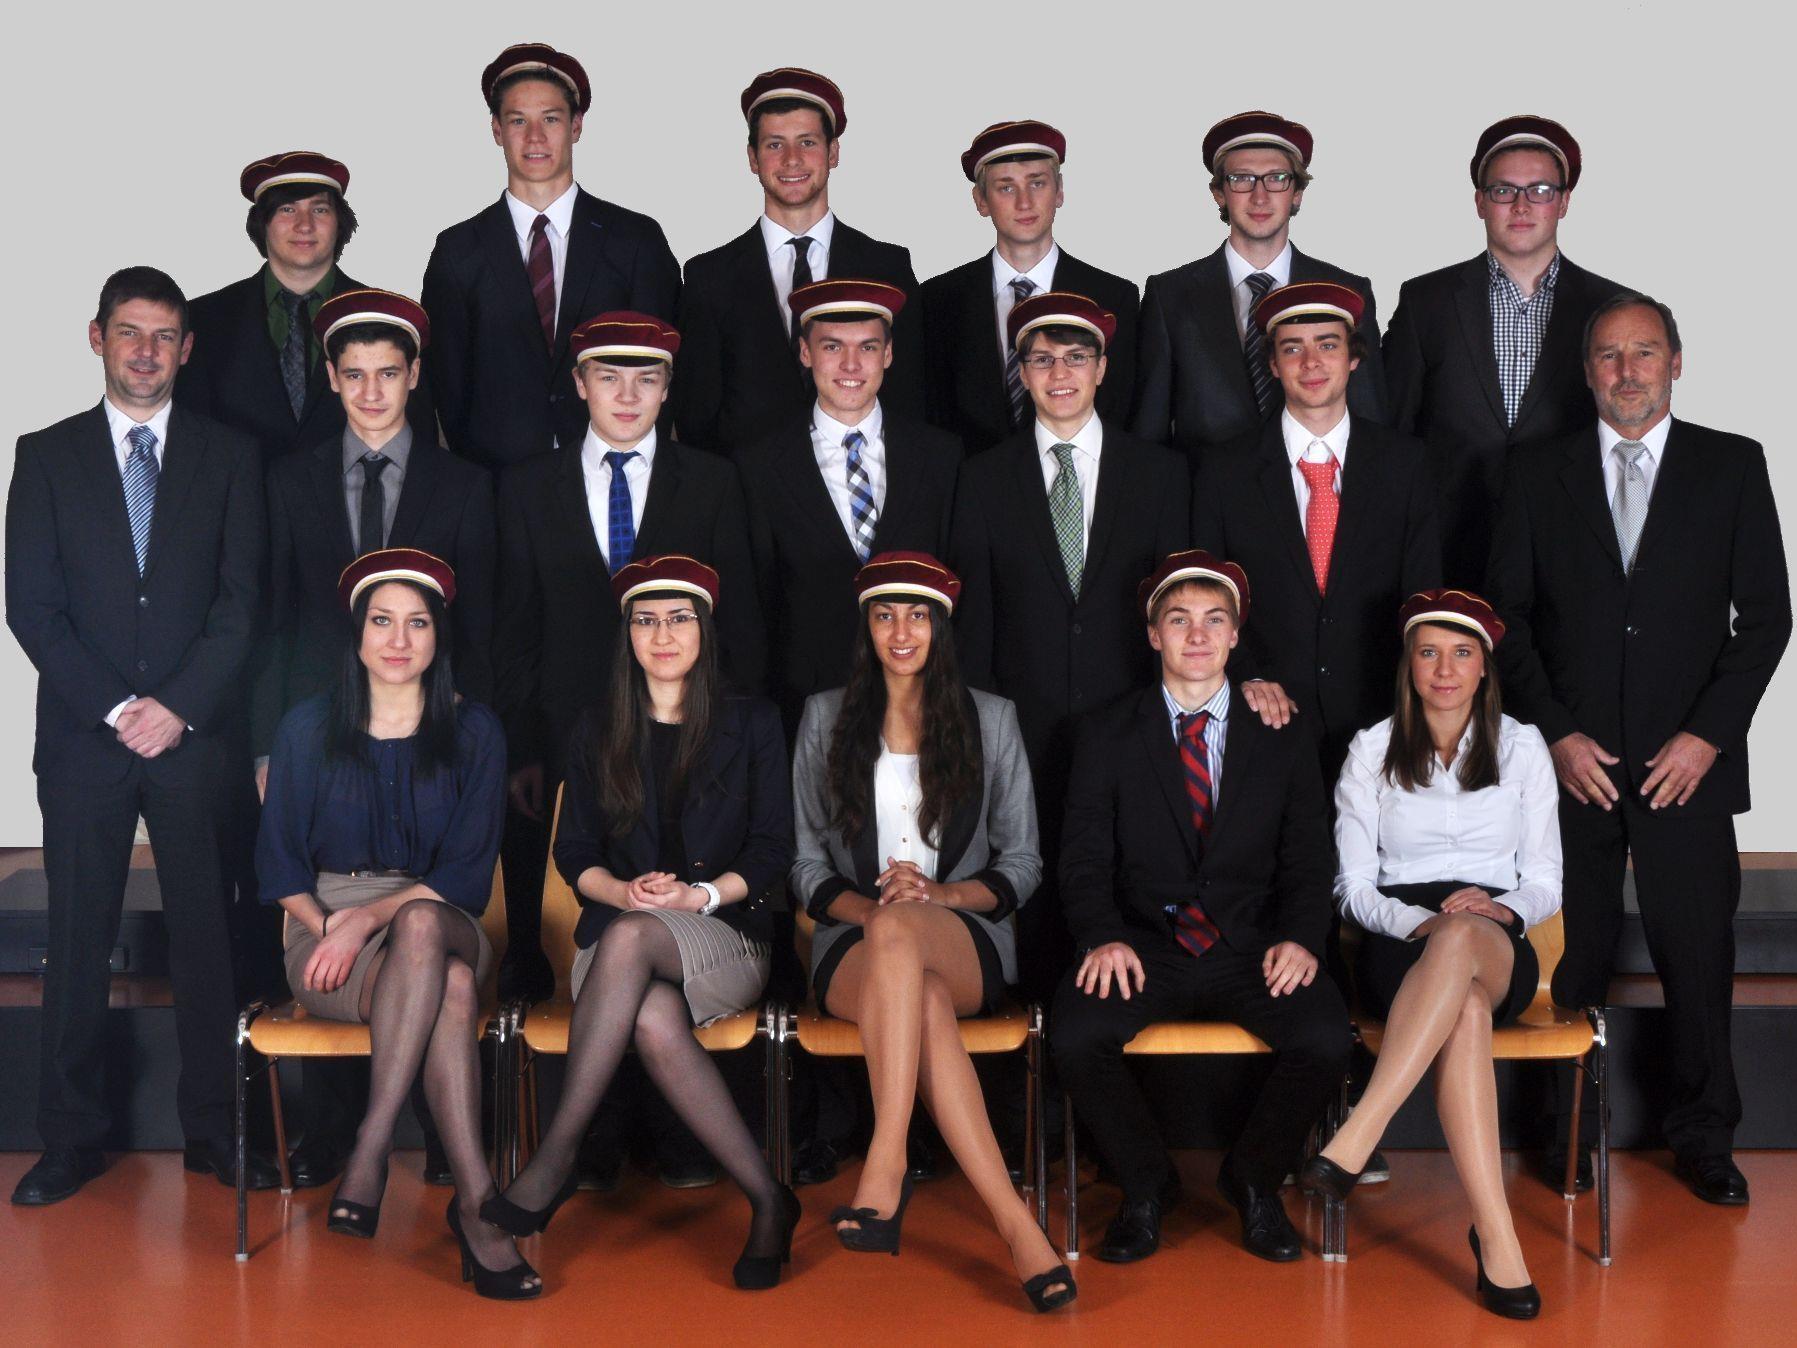 Die Maturaklasse mit Dir. Klemens Voit (rechts außen) und Klassenvorstand Prof. Klaus König (links außen)